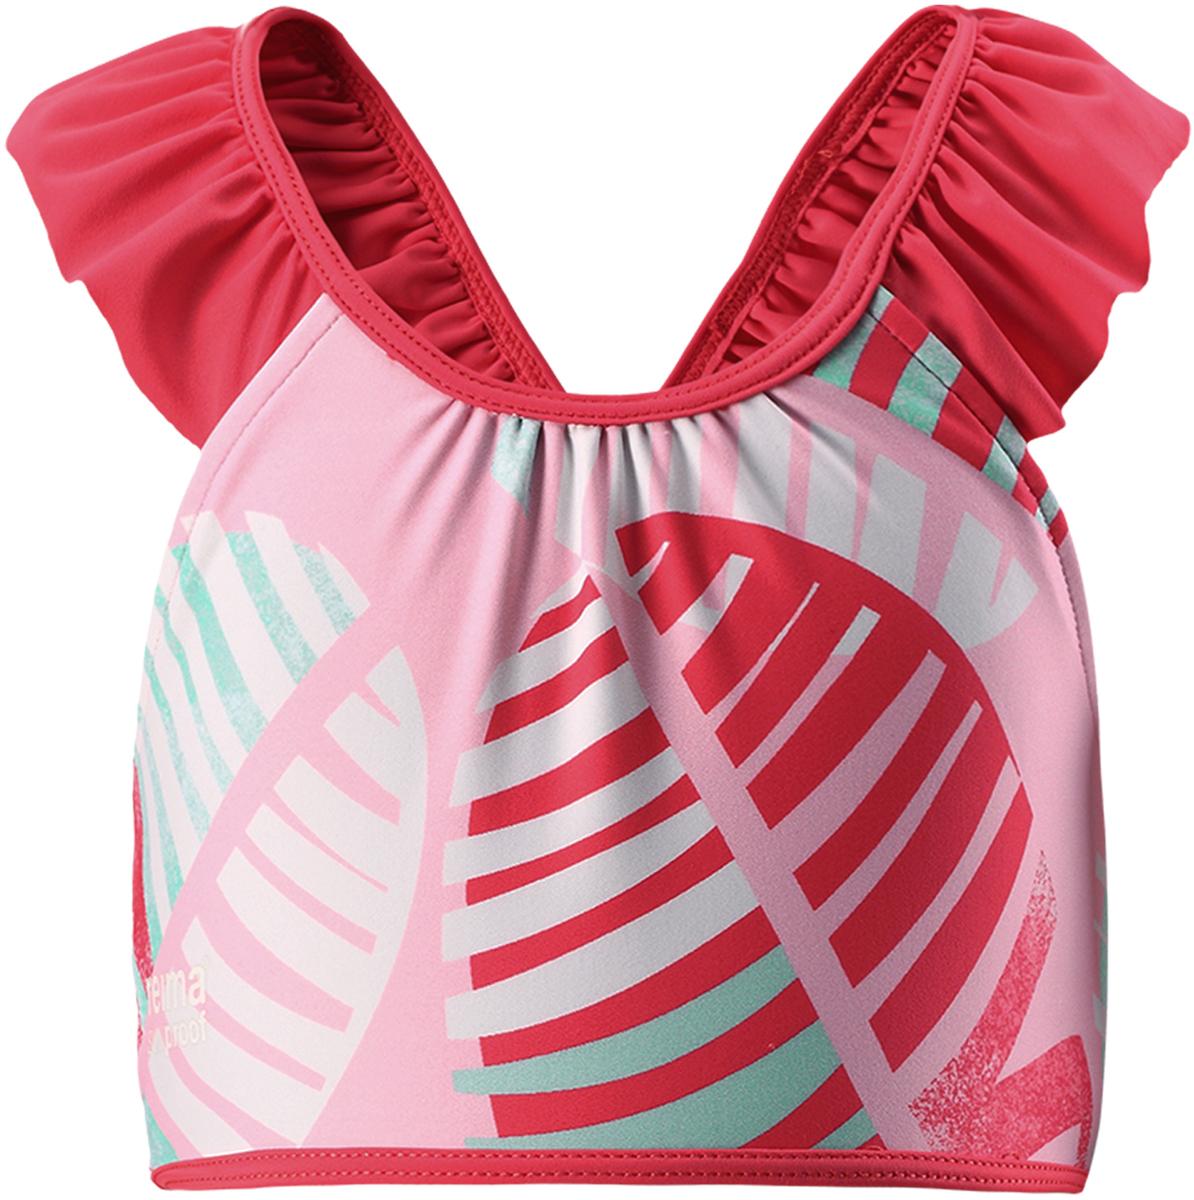 Футболка для плавания для девочки Reima Calamari, цвет: светло-розовый. 5262943341. Размер 1045262943341